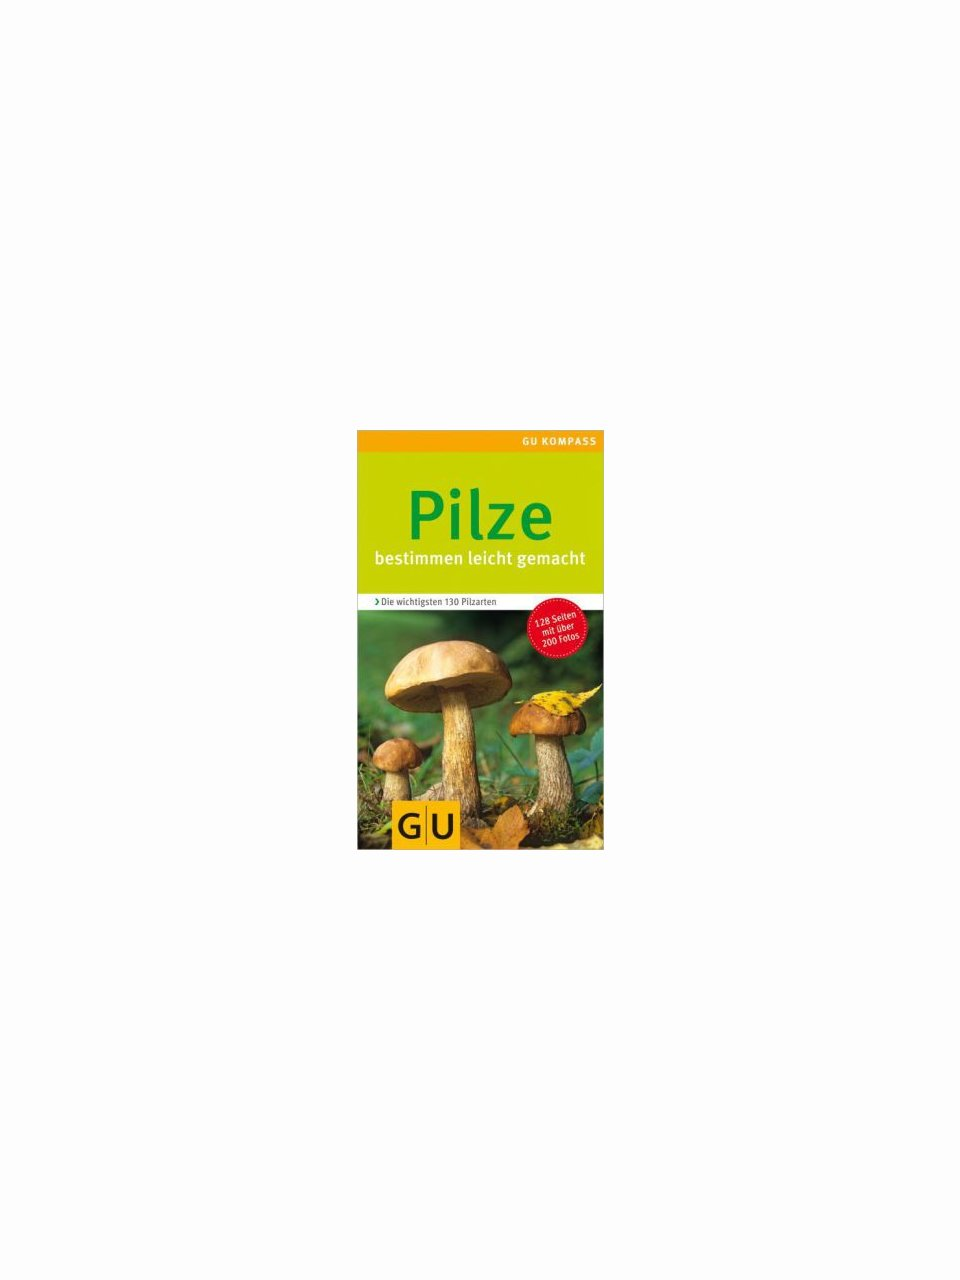 Pilze bestimmen leicht gemacht